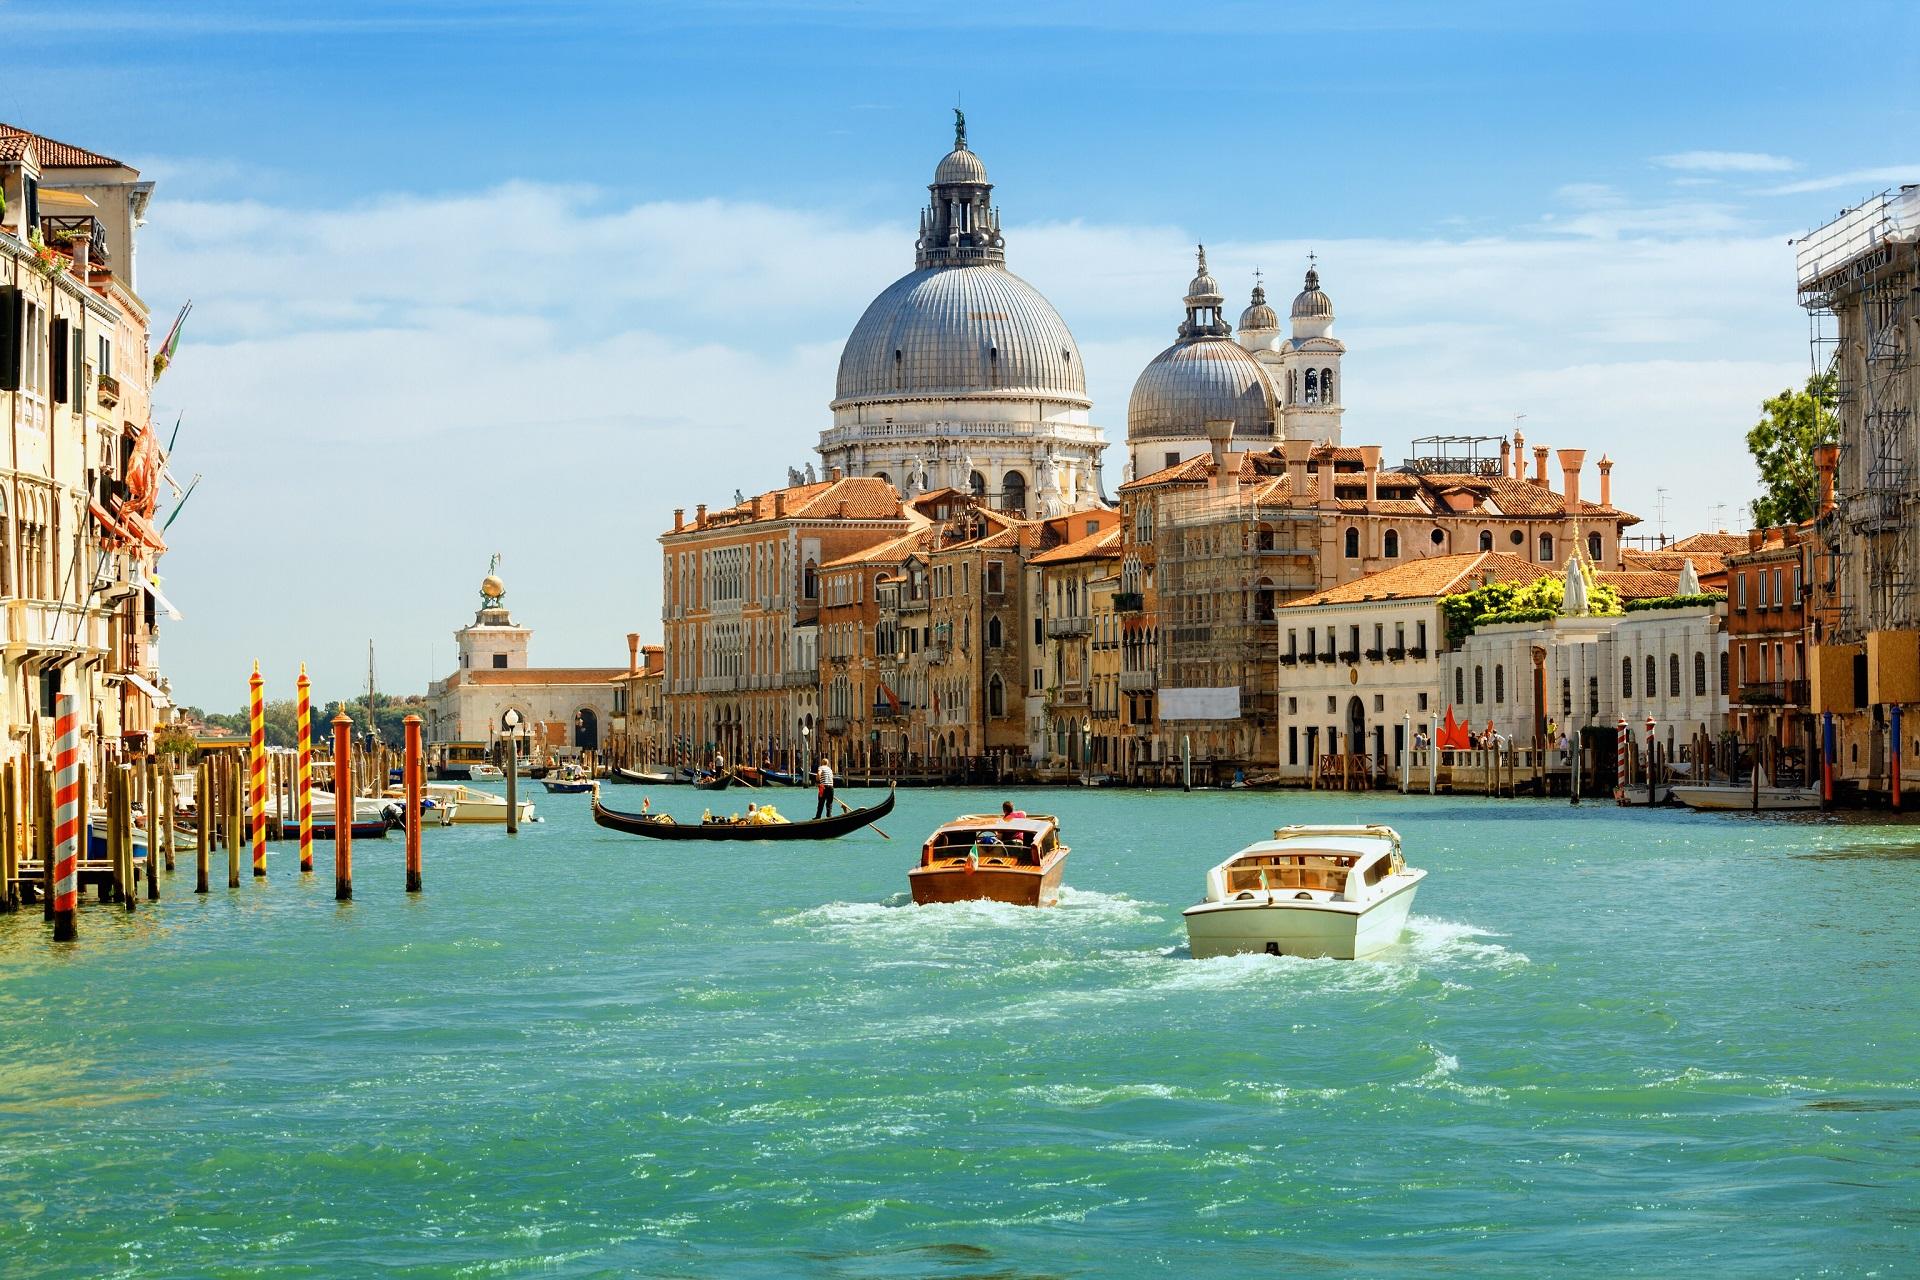 Die schöne Hafenstadt Venedig